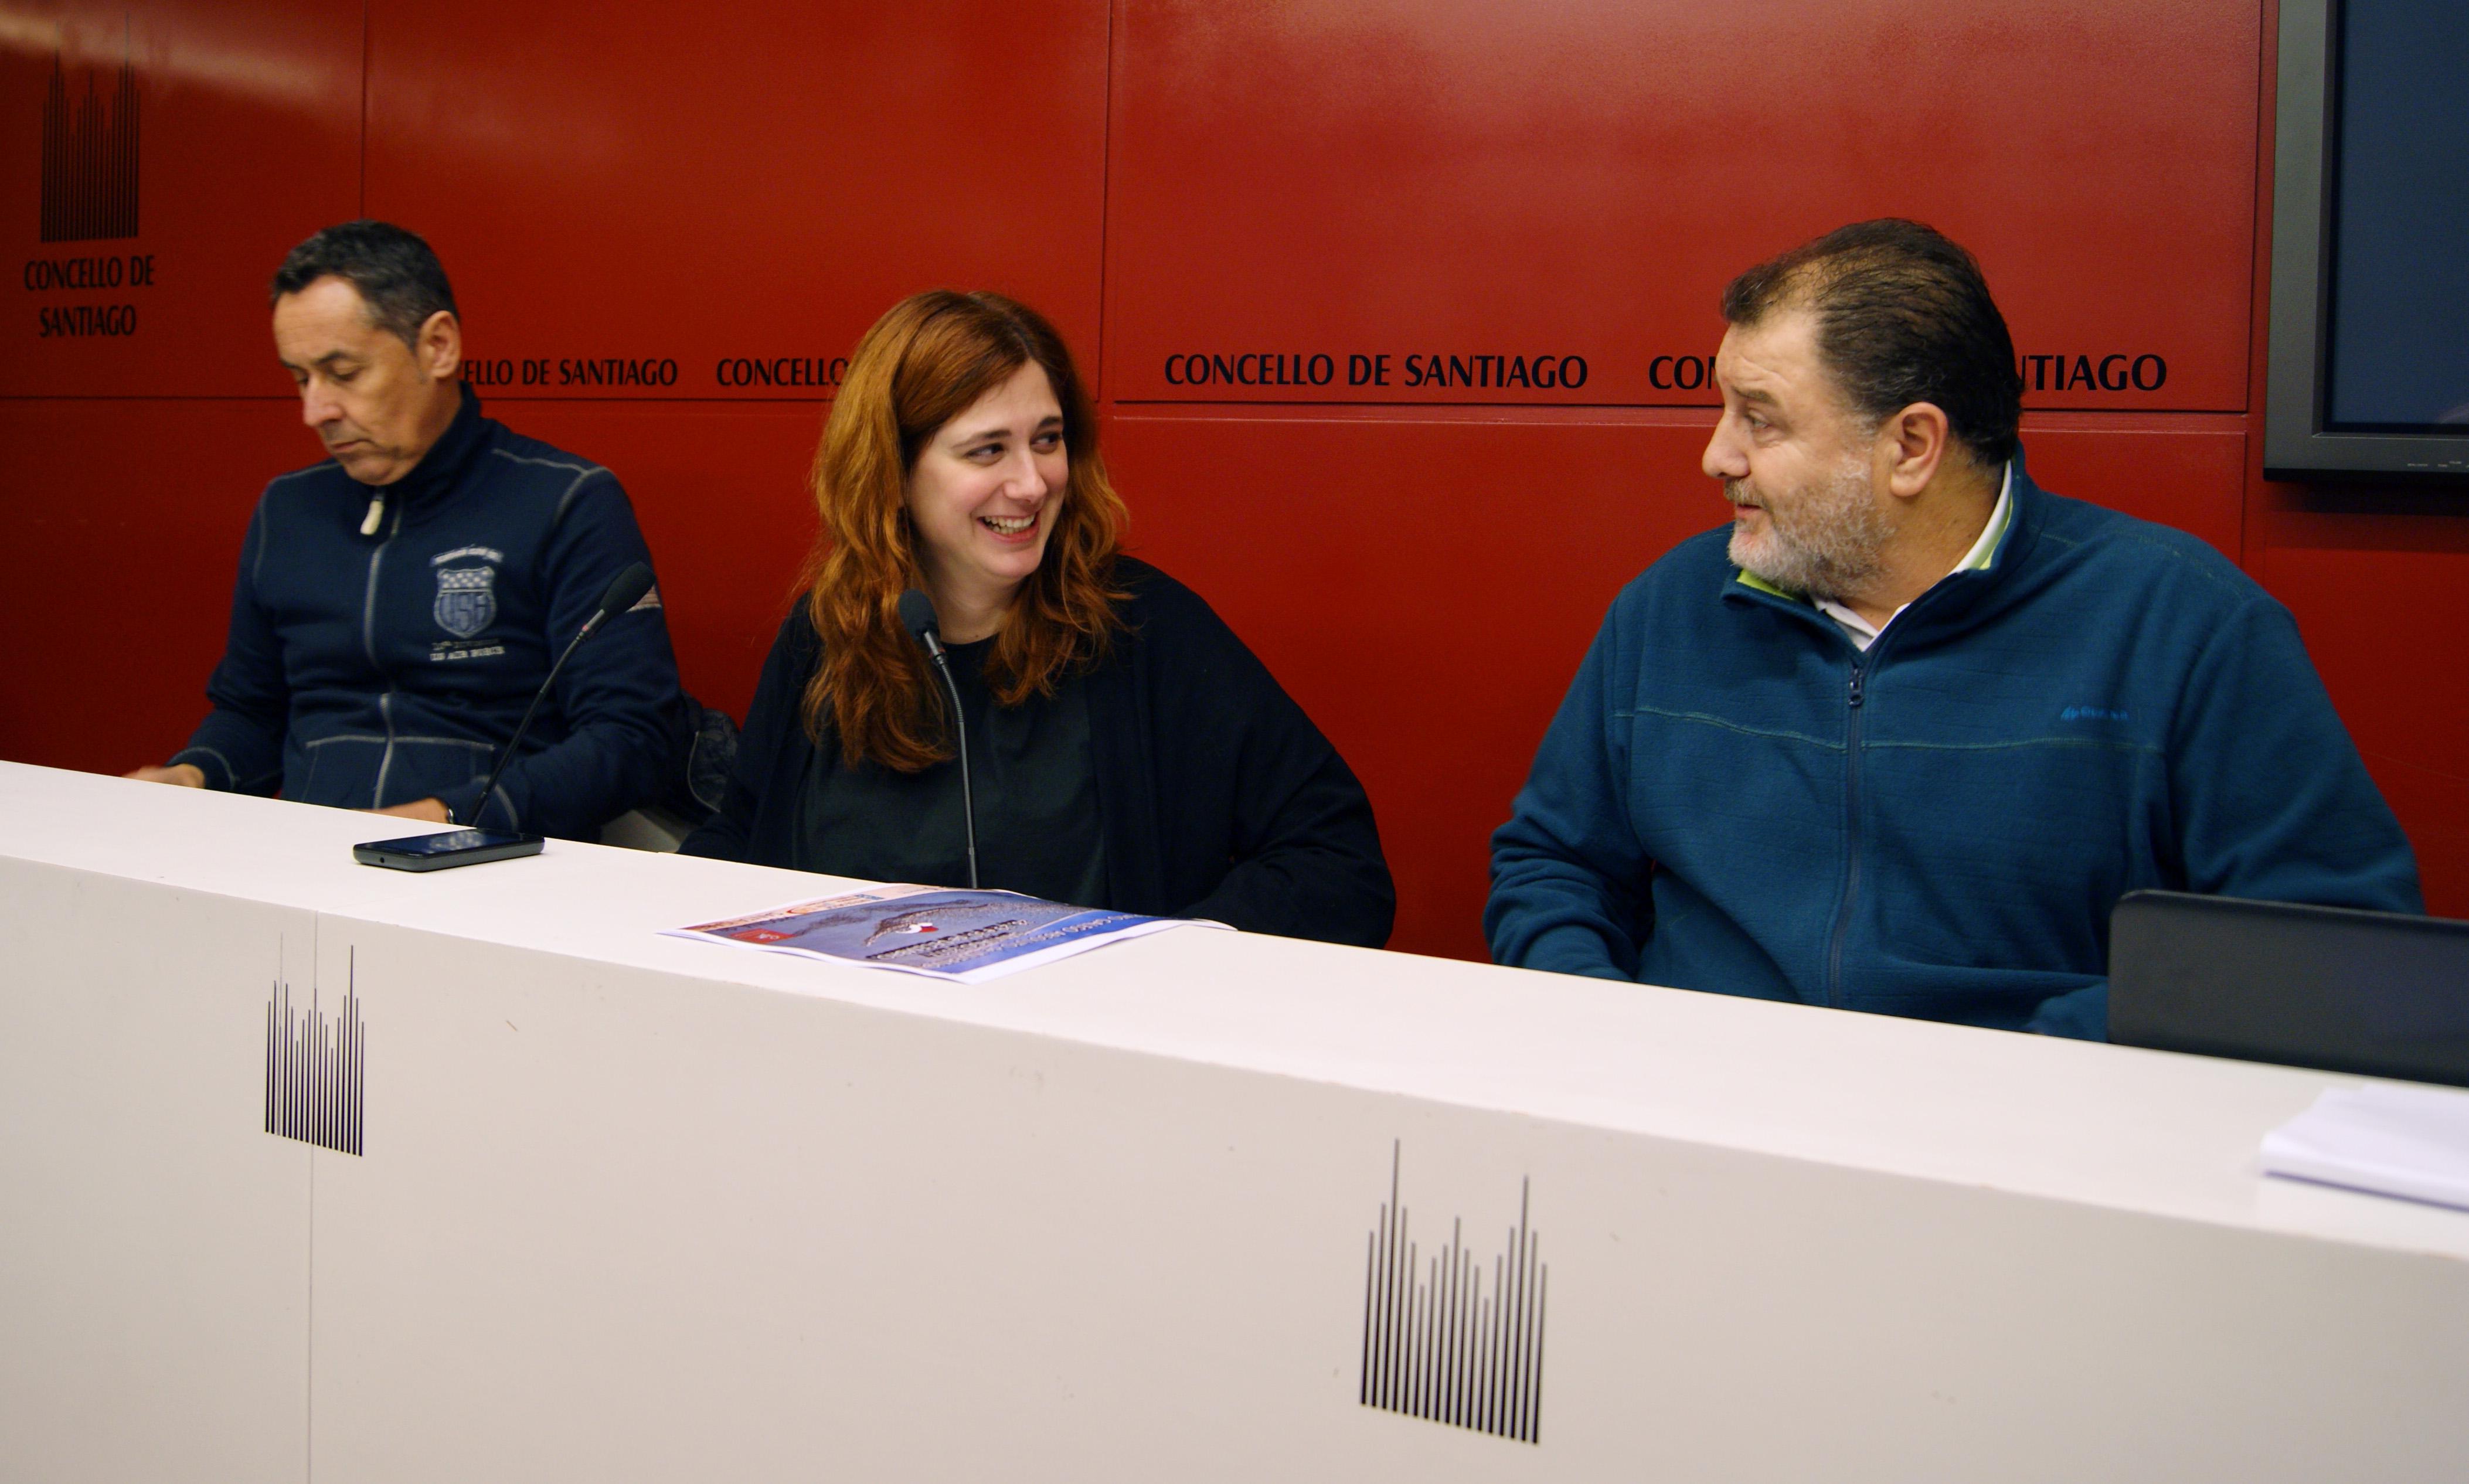 Ramón Mosquera, Noa Morales e José A. Rioseco deron os detalles da proba.